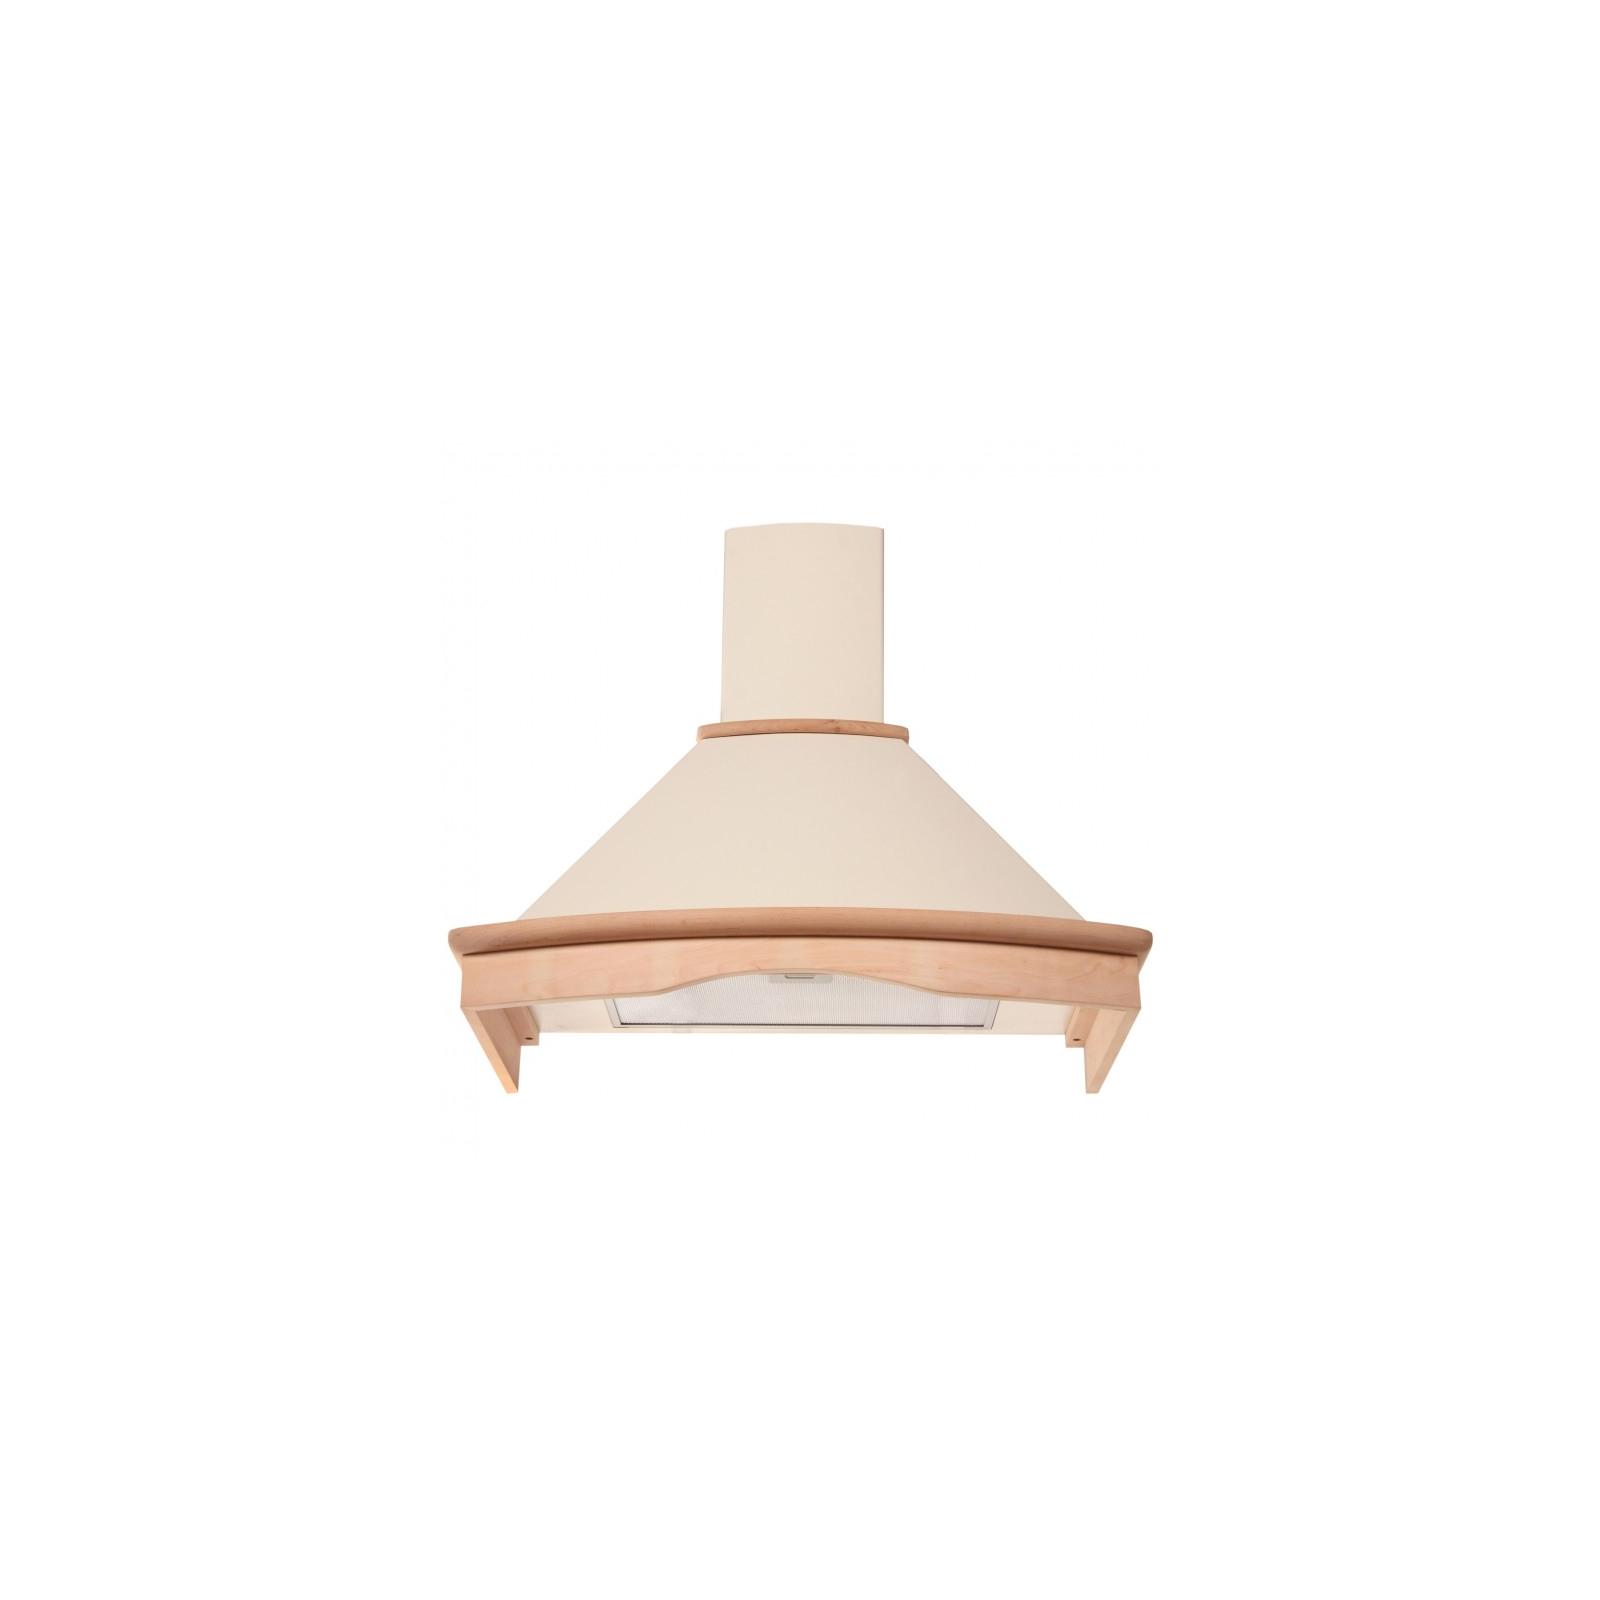 Вытяжка кухонная Eleyus Tempo 1000 LED SMD 90 N BL изображение 2